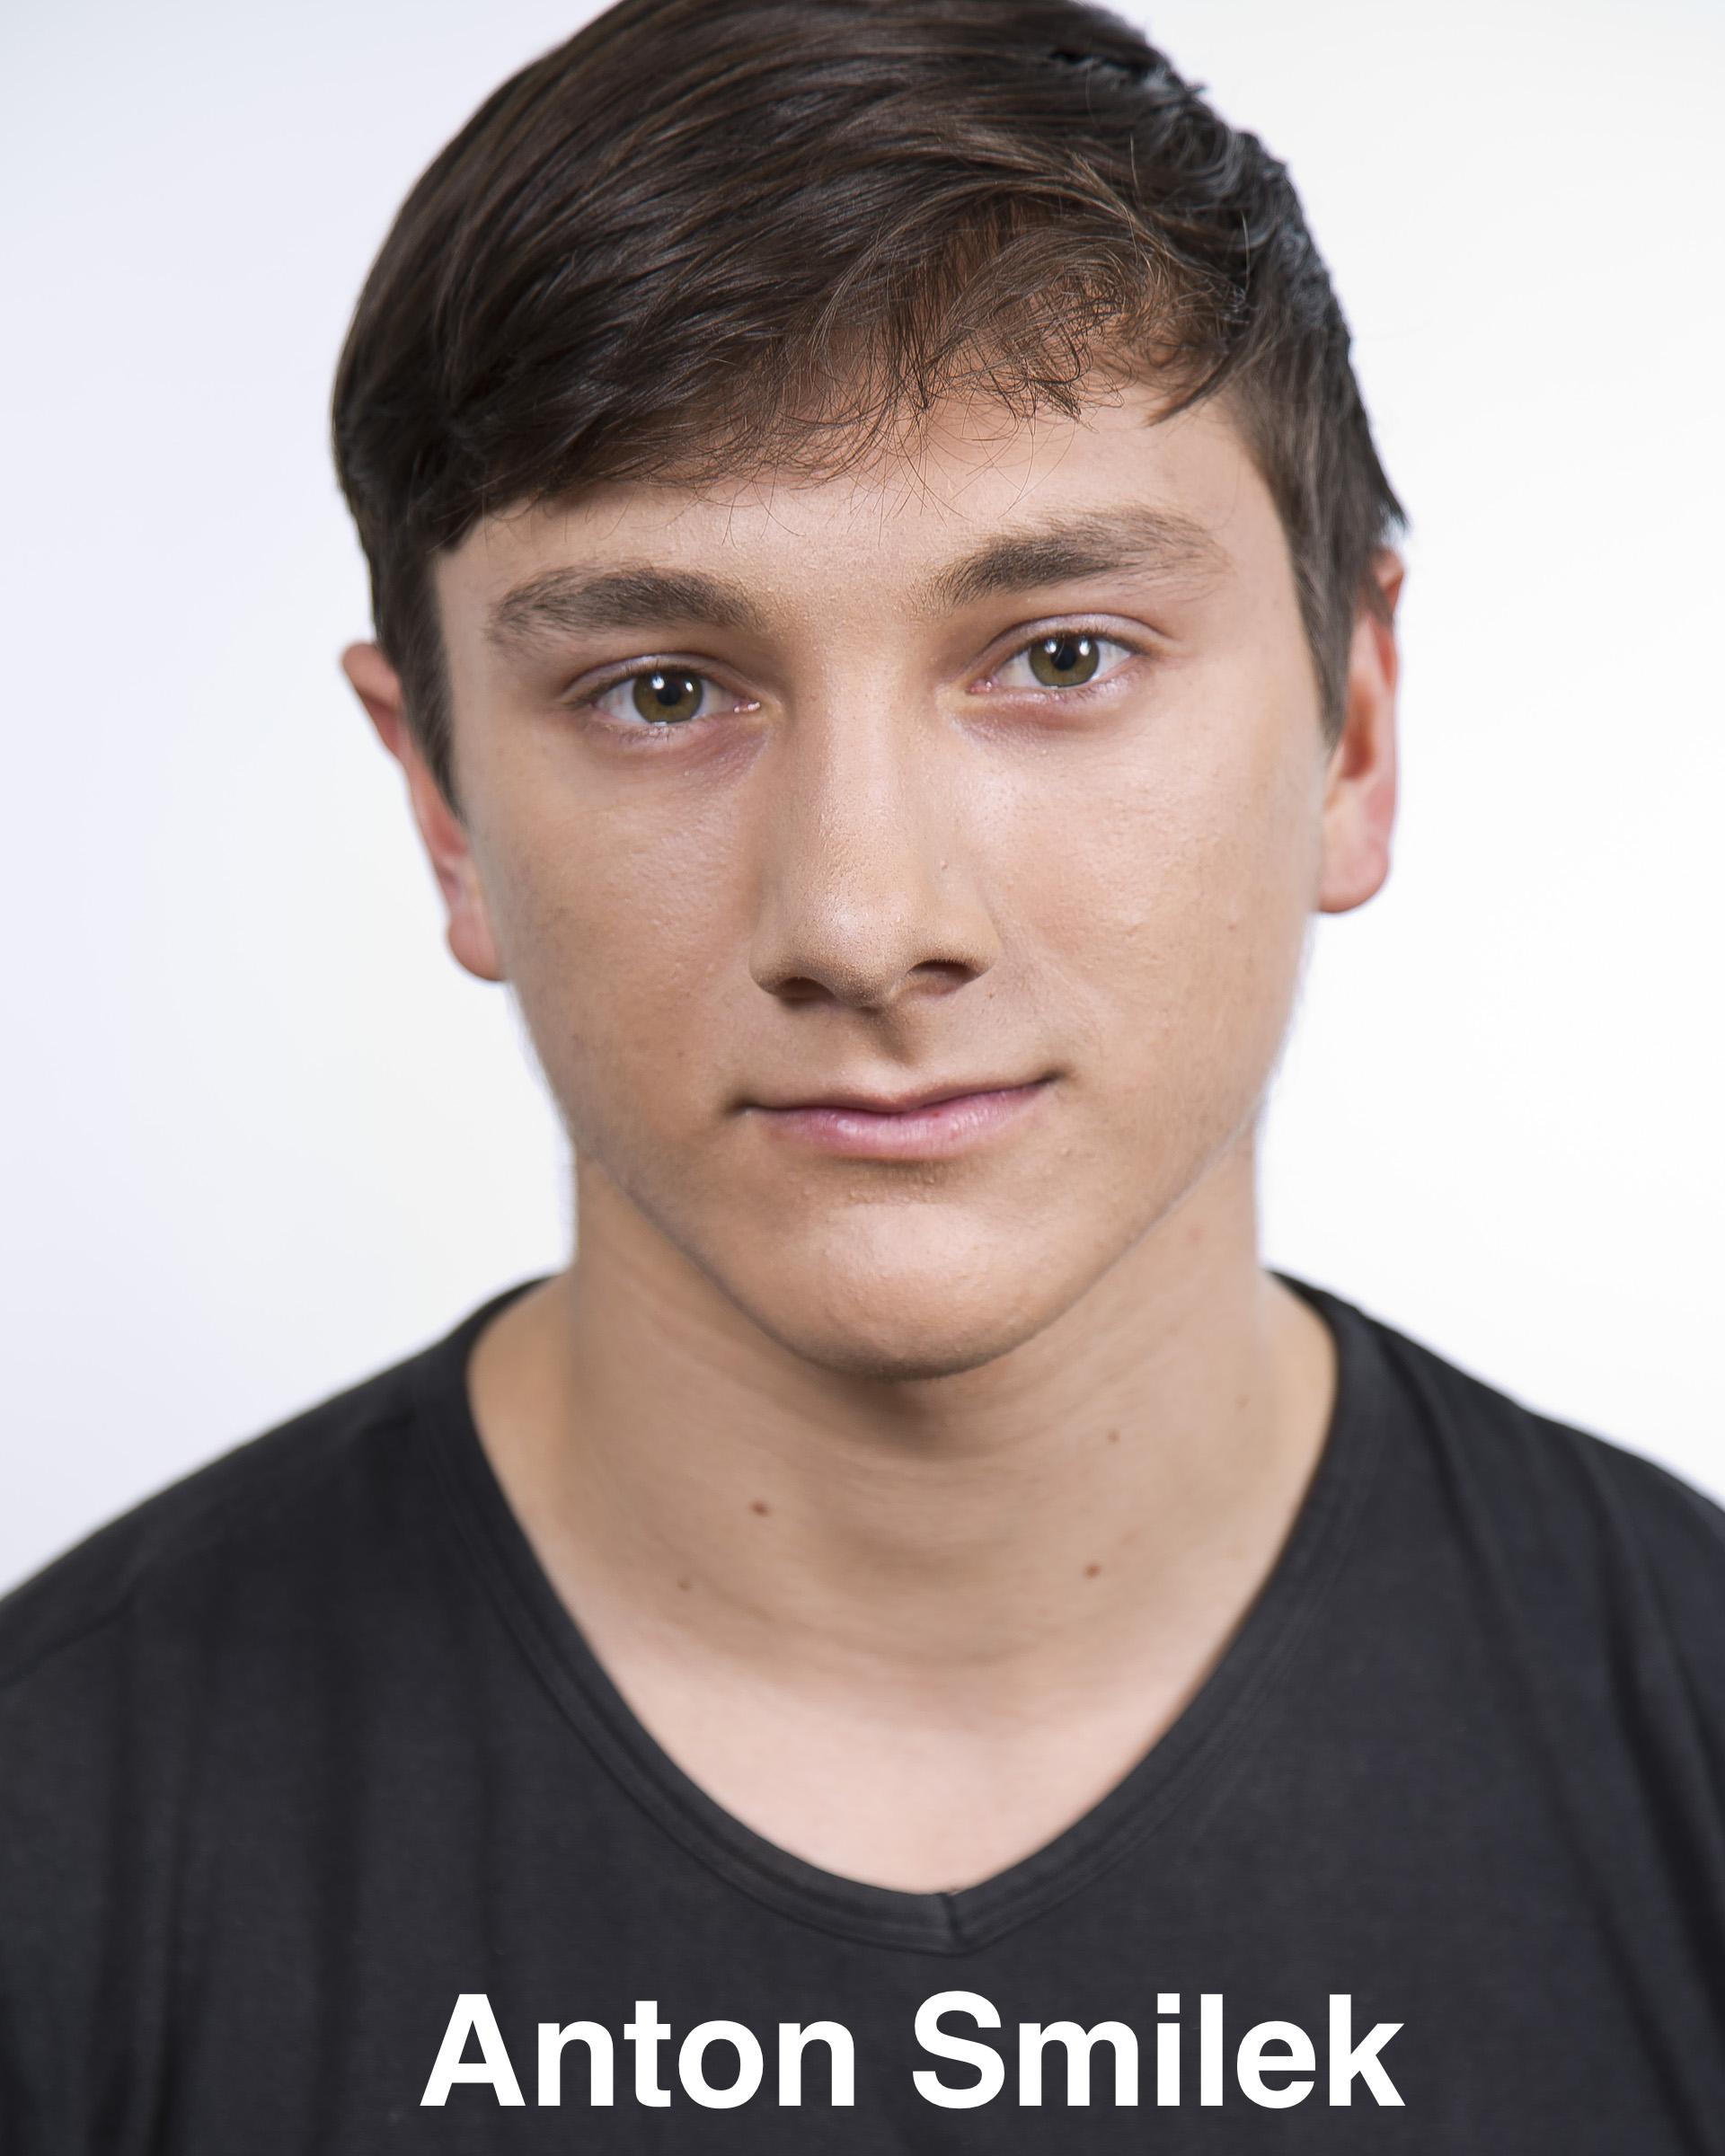 Anton Smilek